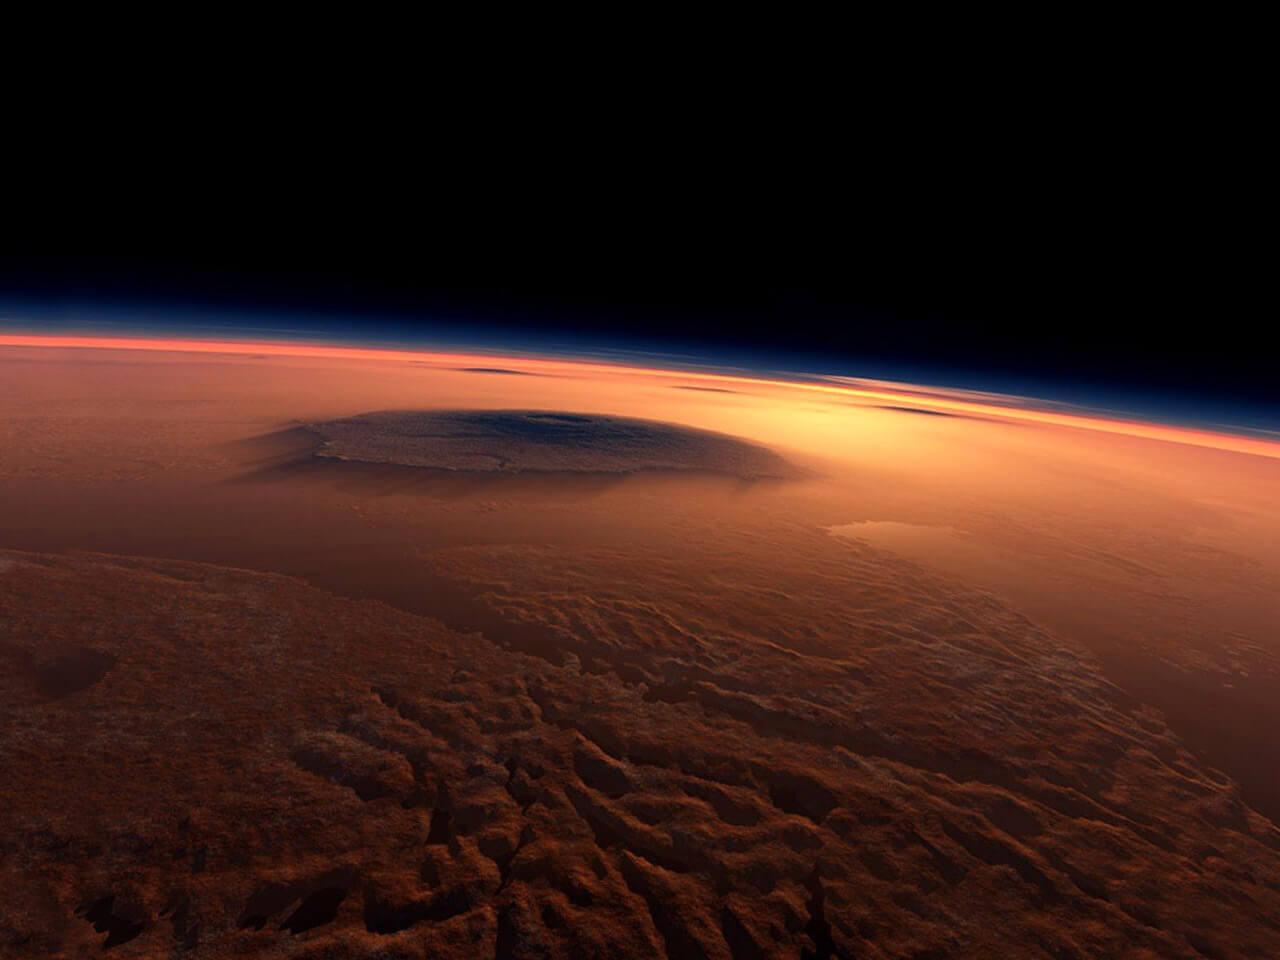 Понаехали тут! Марс, оказывается, не близкий сосед Земли